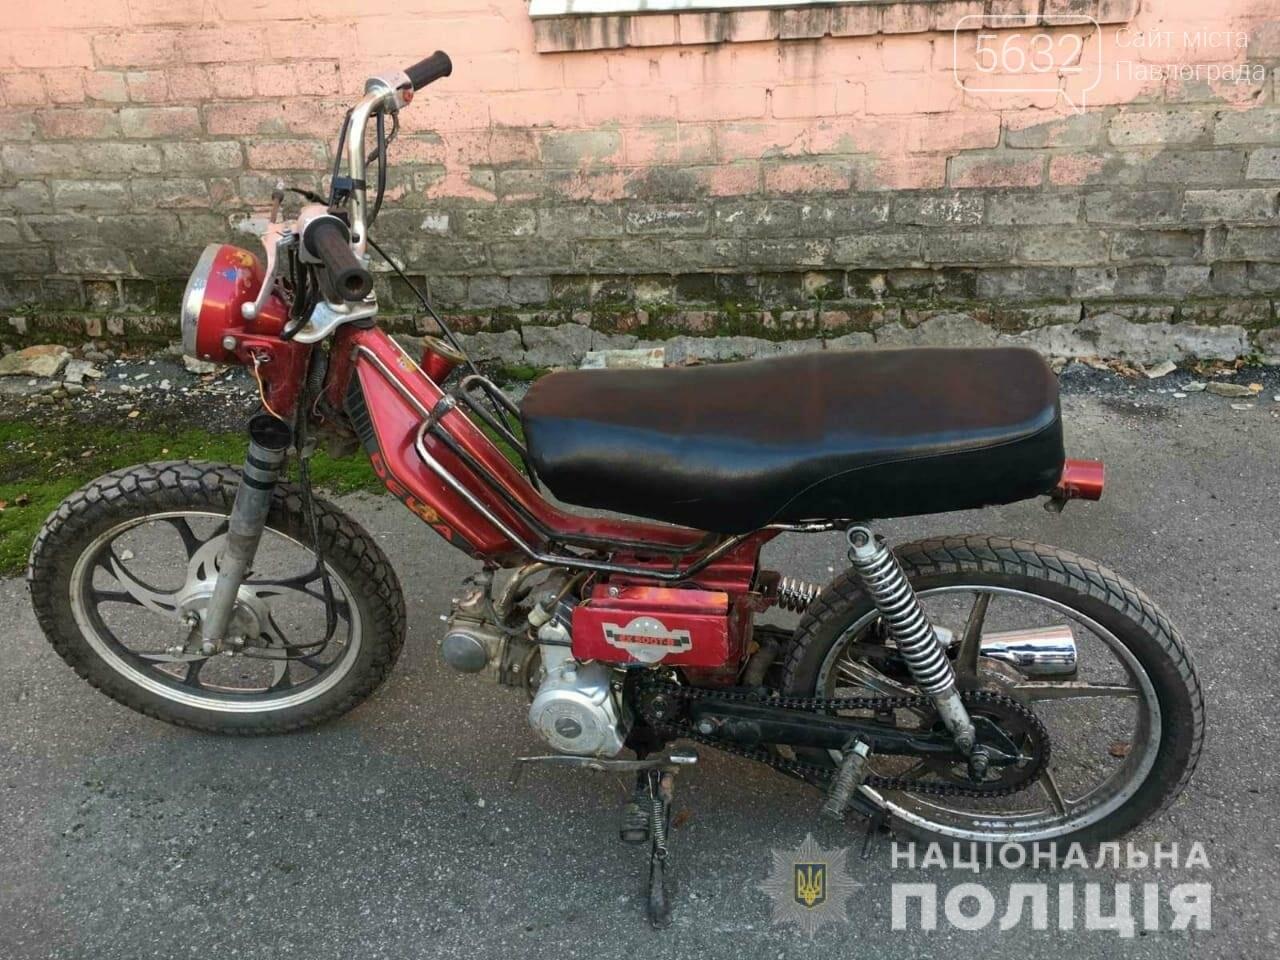 В Терновке у местного жителя украли мопед прямо со двора дома, фото-1